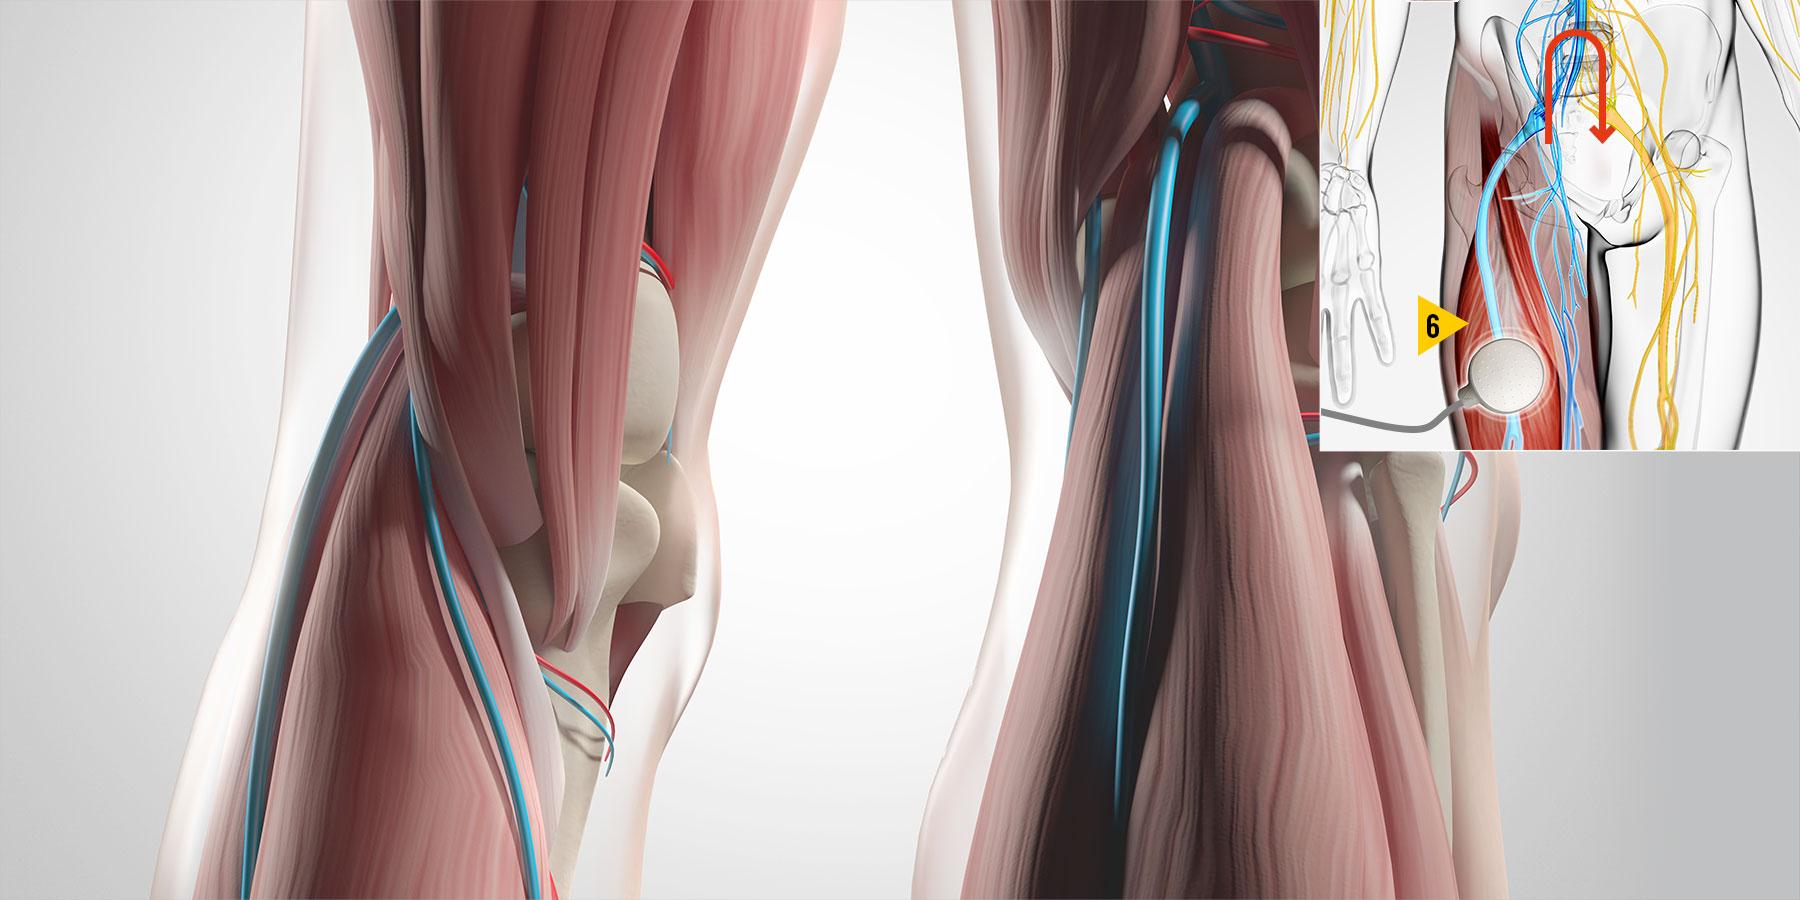 Vibra fase 6 - Muscolo